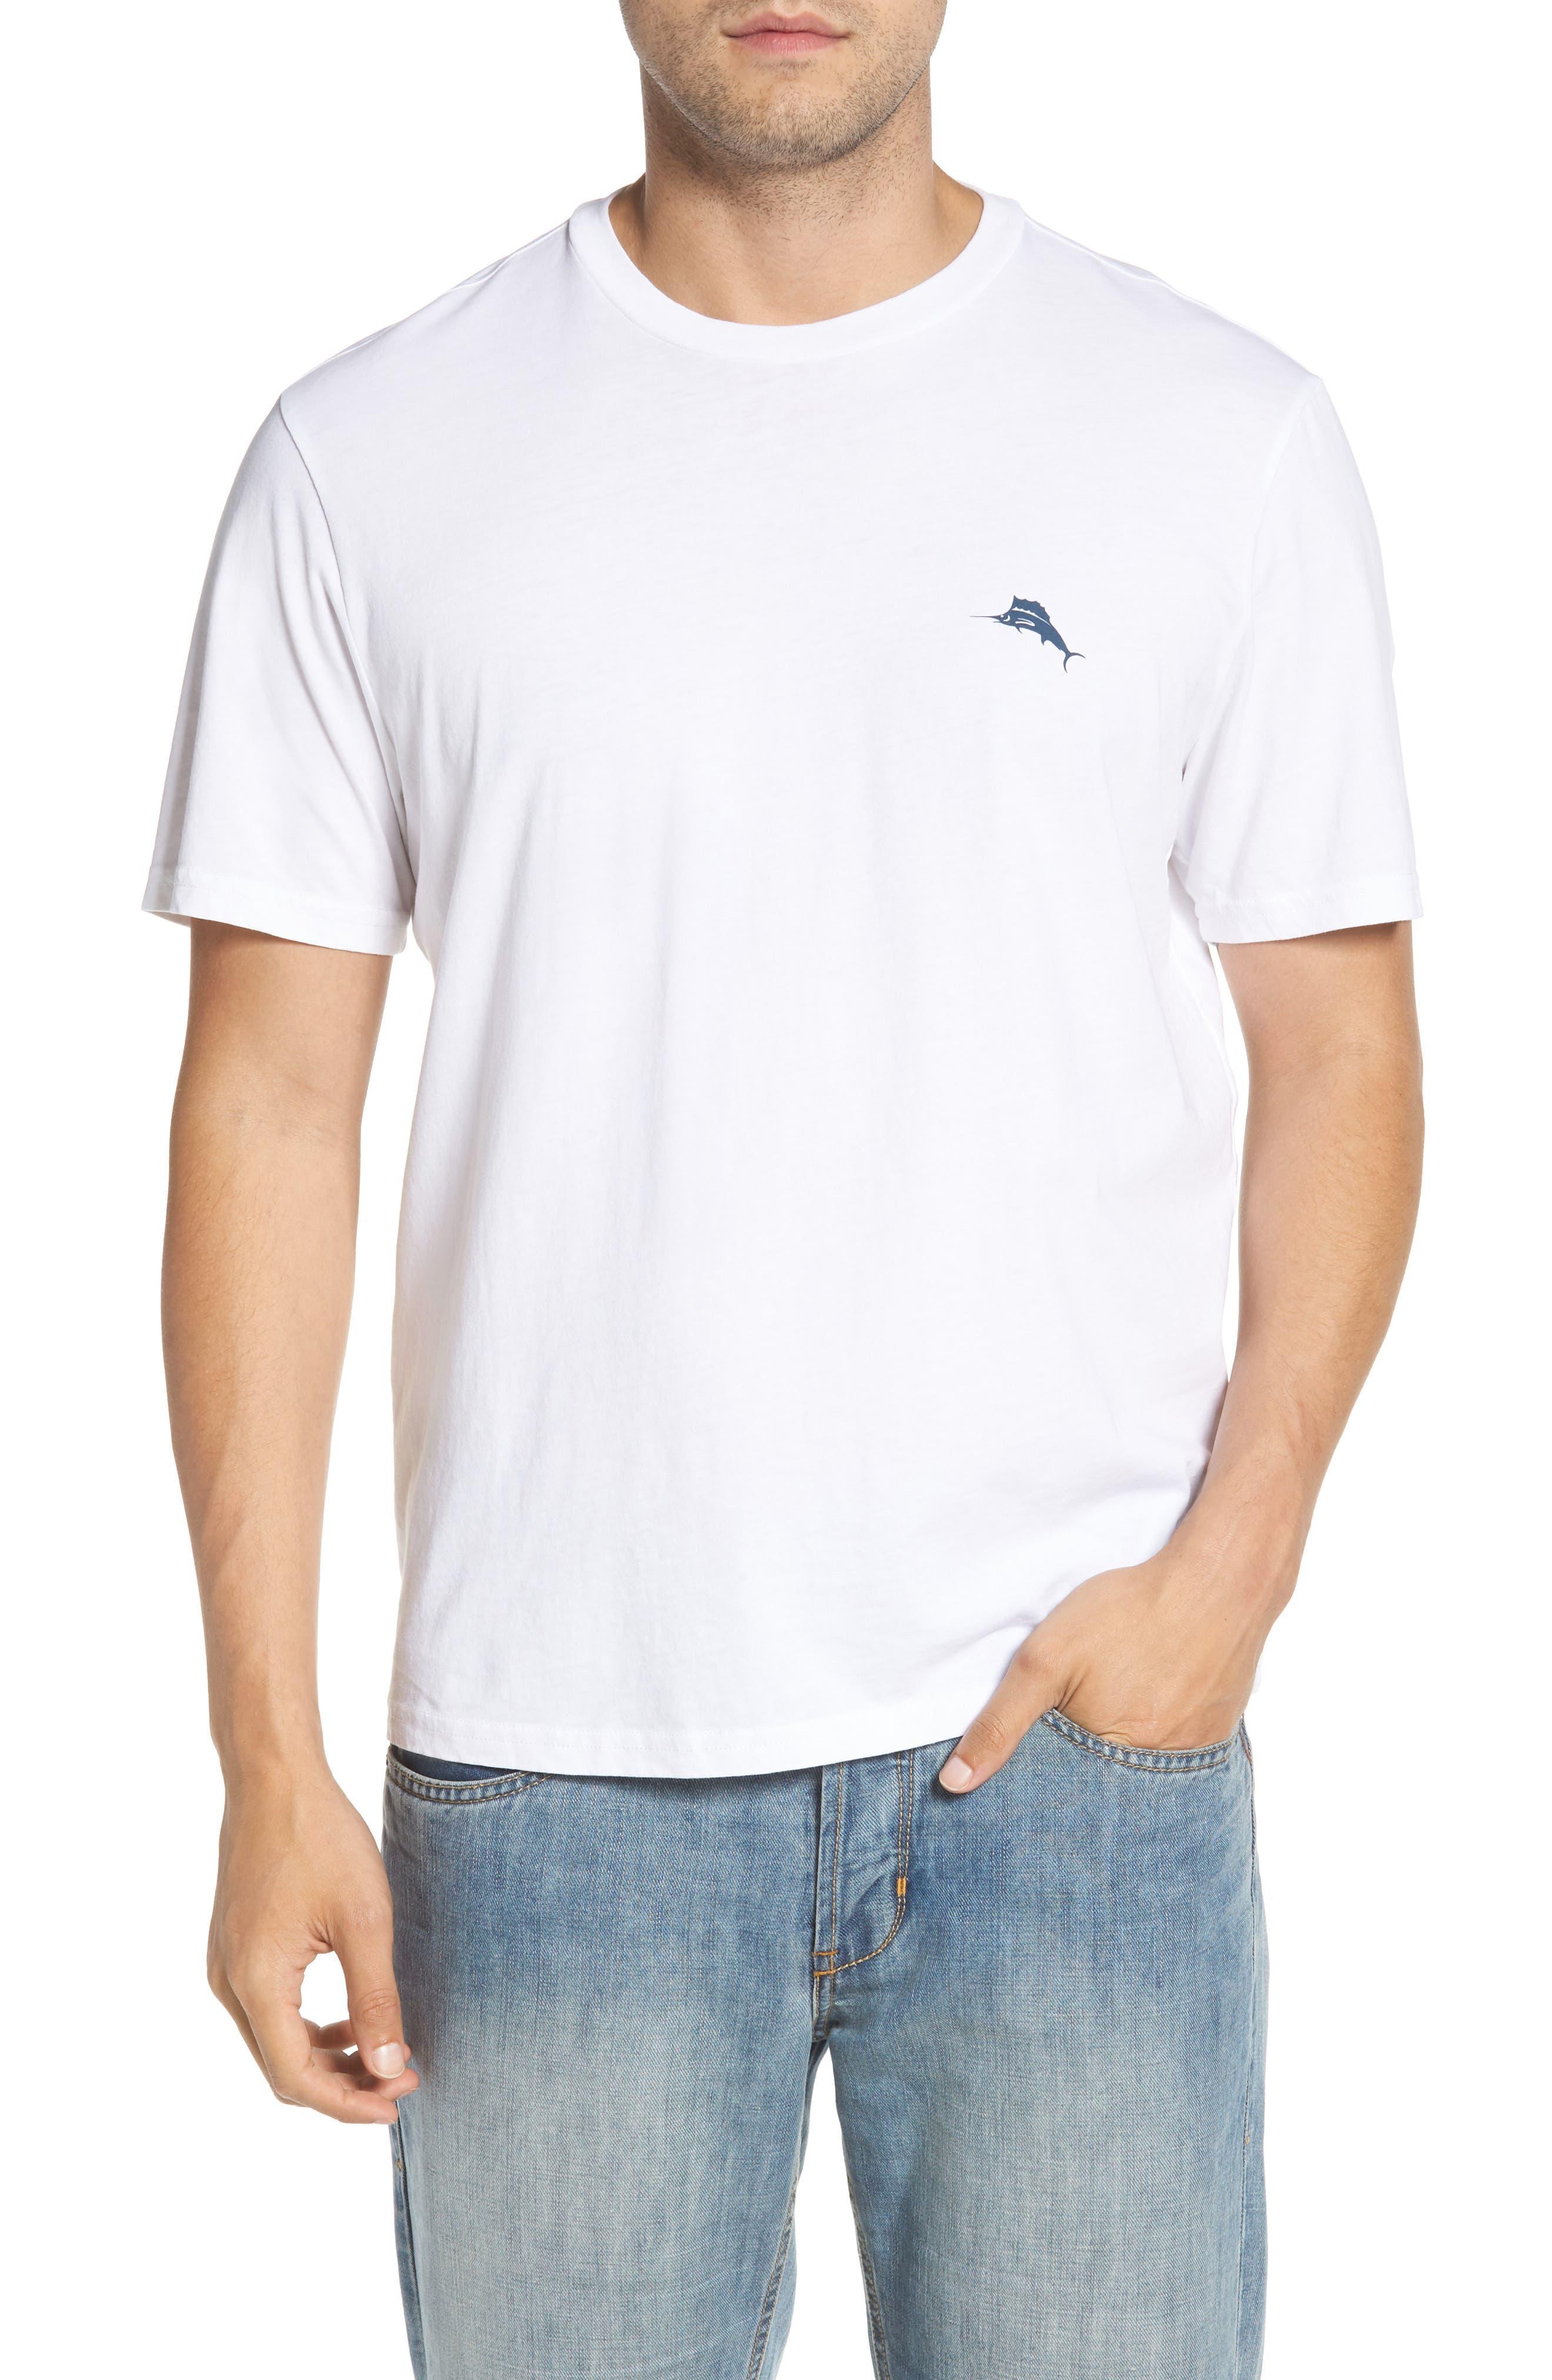 Diamond Cove T-Shirt,                             Main thumbnail 1, color,                             White